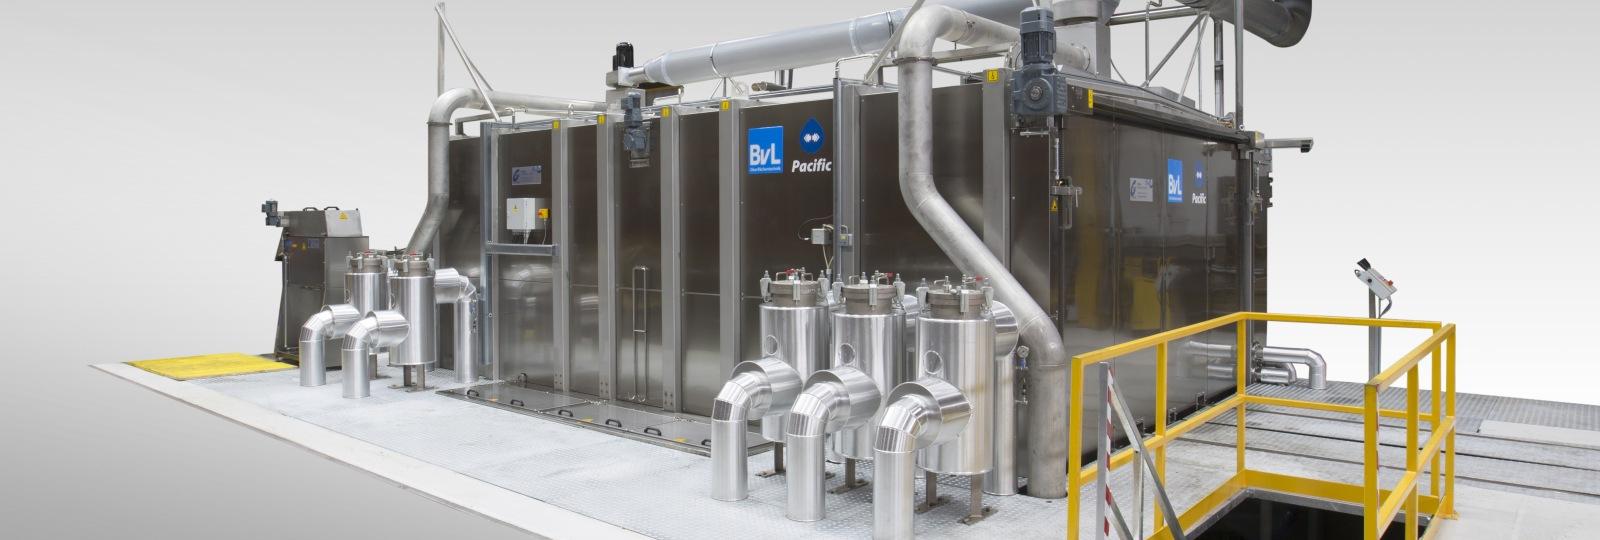 Die Reinigungsanlage Pacific der BvL Oberflächentechnik ist optimal ausgelegt für Bauteile mit sehr großen Außenabmessungen und hohen Gewichten.